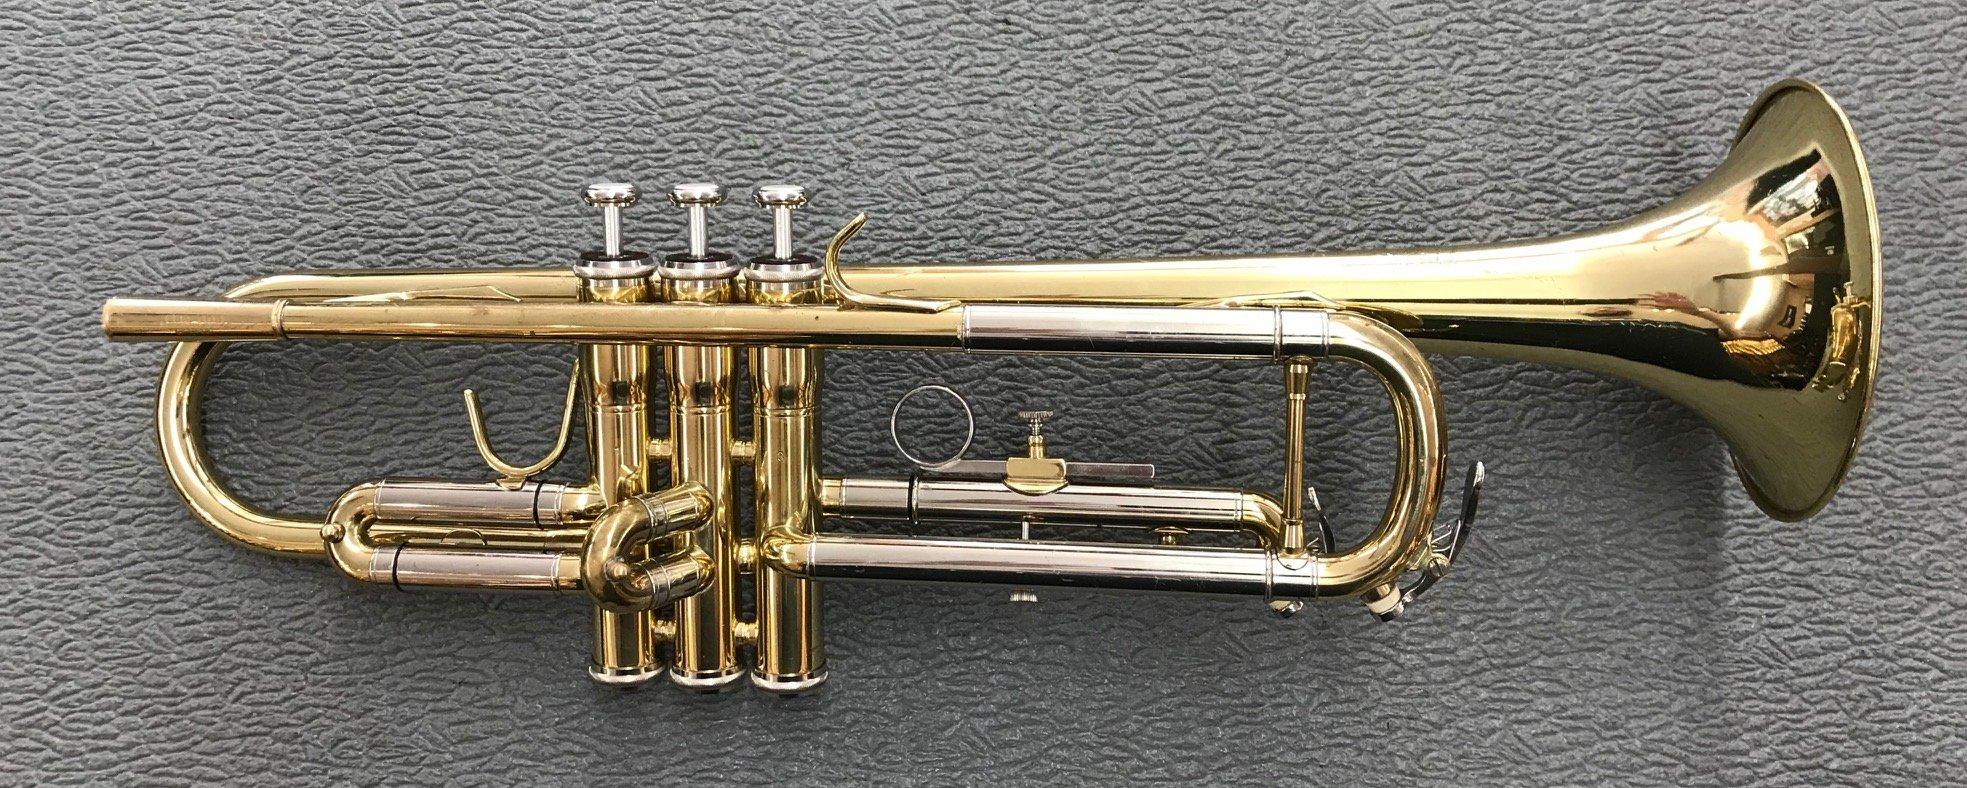 Jupiter JTR-600 Trumpet